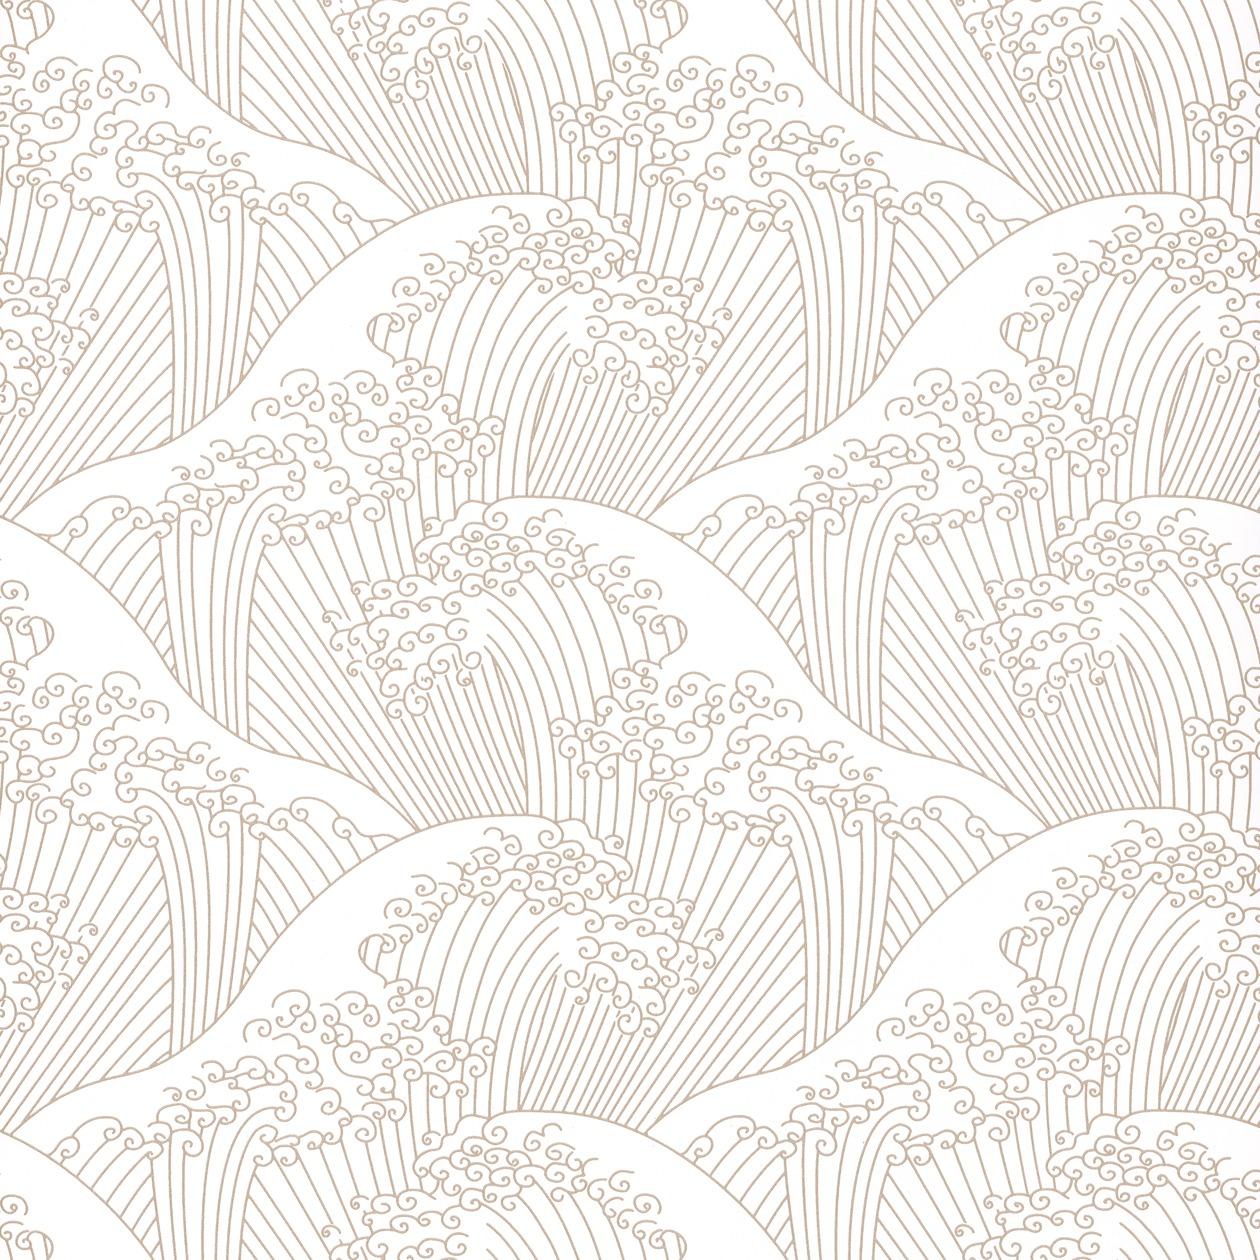 Tapéta klasszikus orientális japán mintával bézs fehér színben